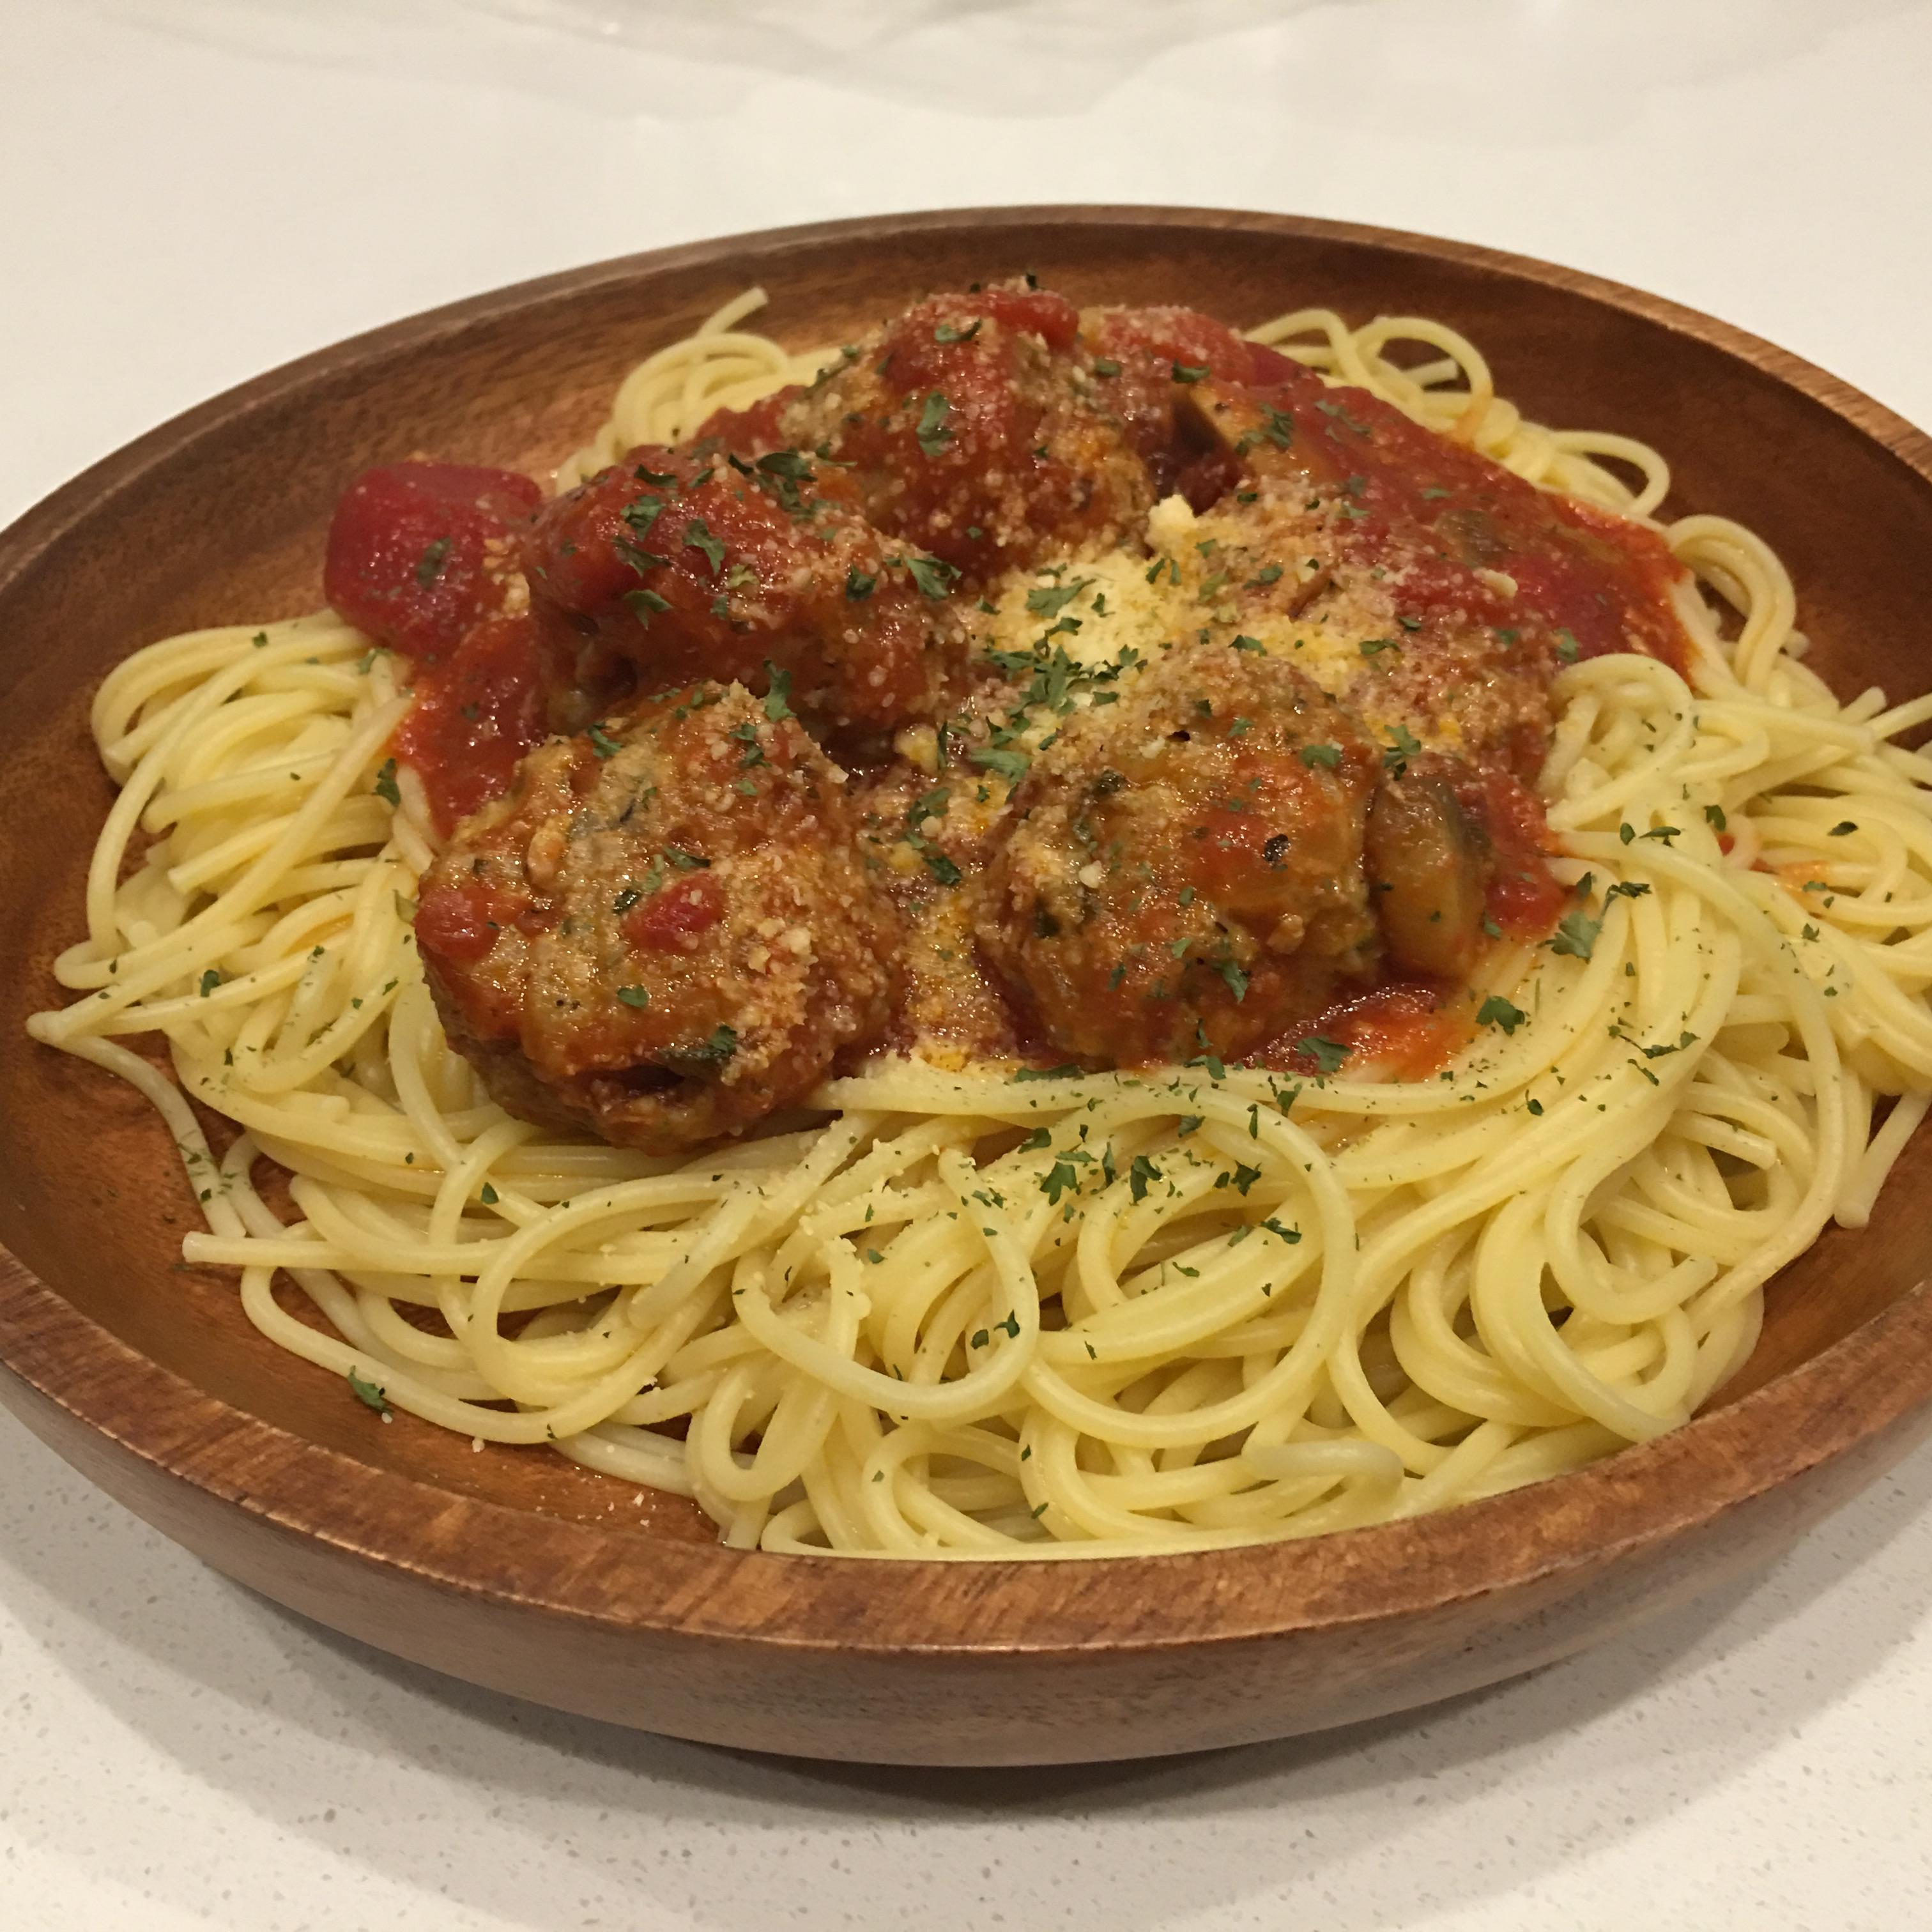 Italian Spaghetti Sauce with Meatballs kumambo